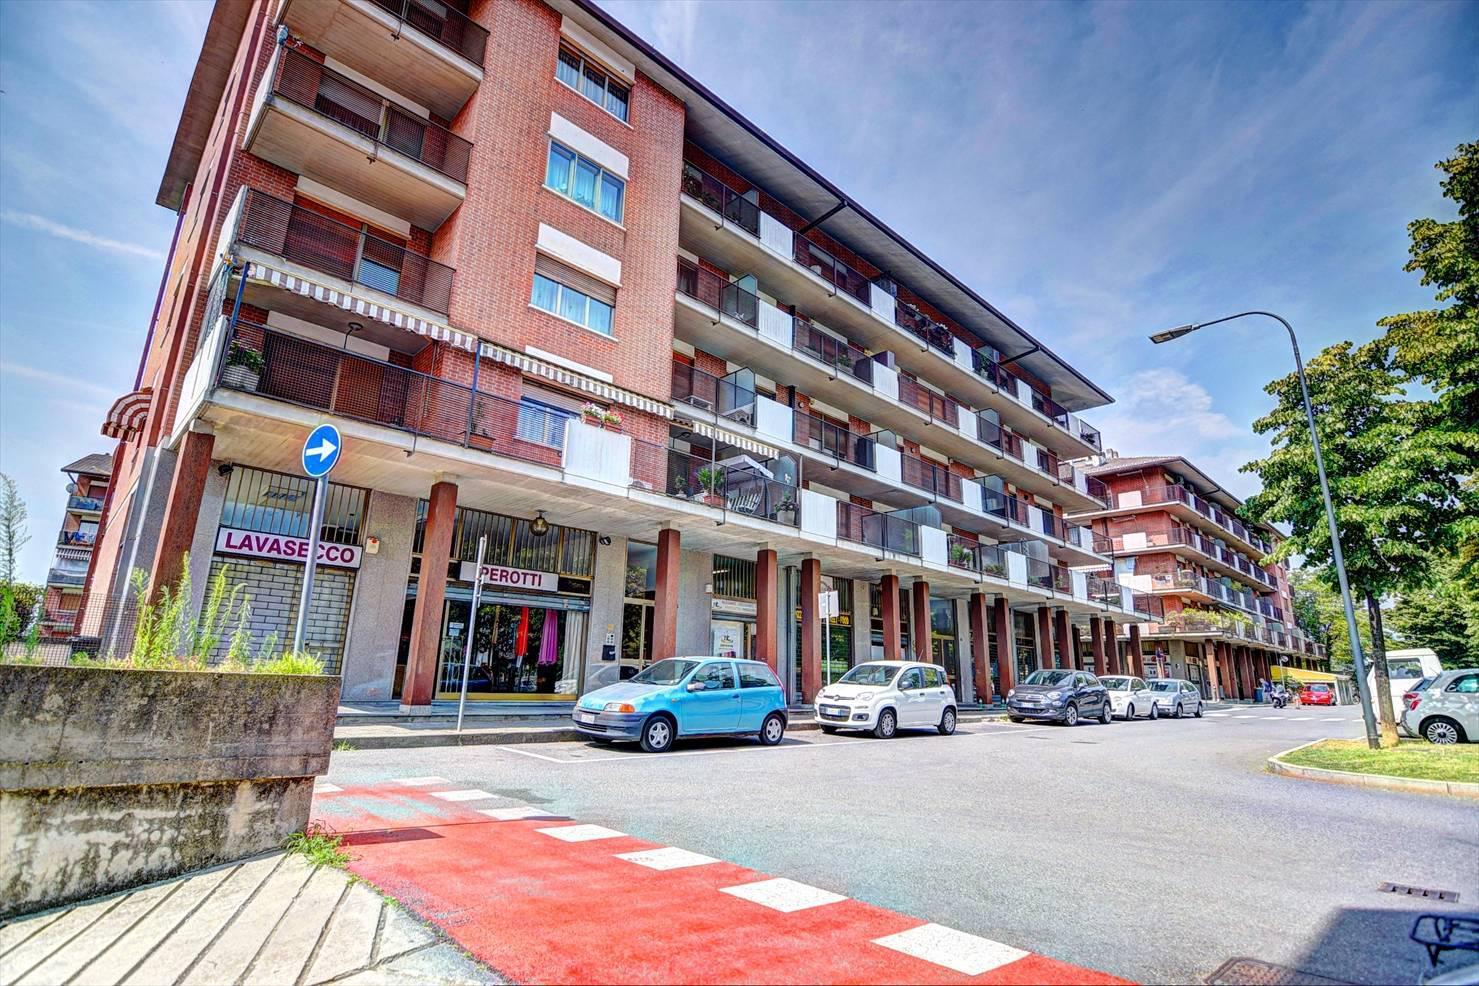 Attico / Mansarda in vendita a Ciriè, 3 locali, prezzo € 65.000 | PortaleAgenzieImmobiliari.it